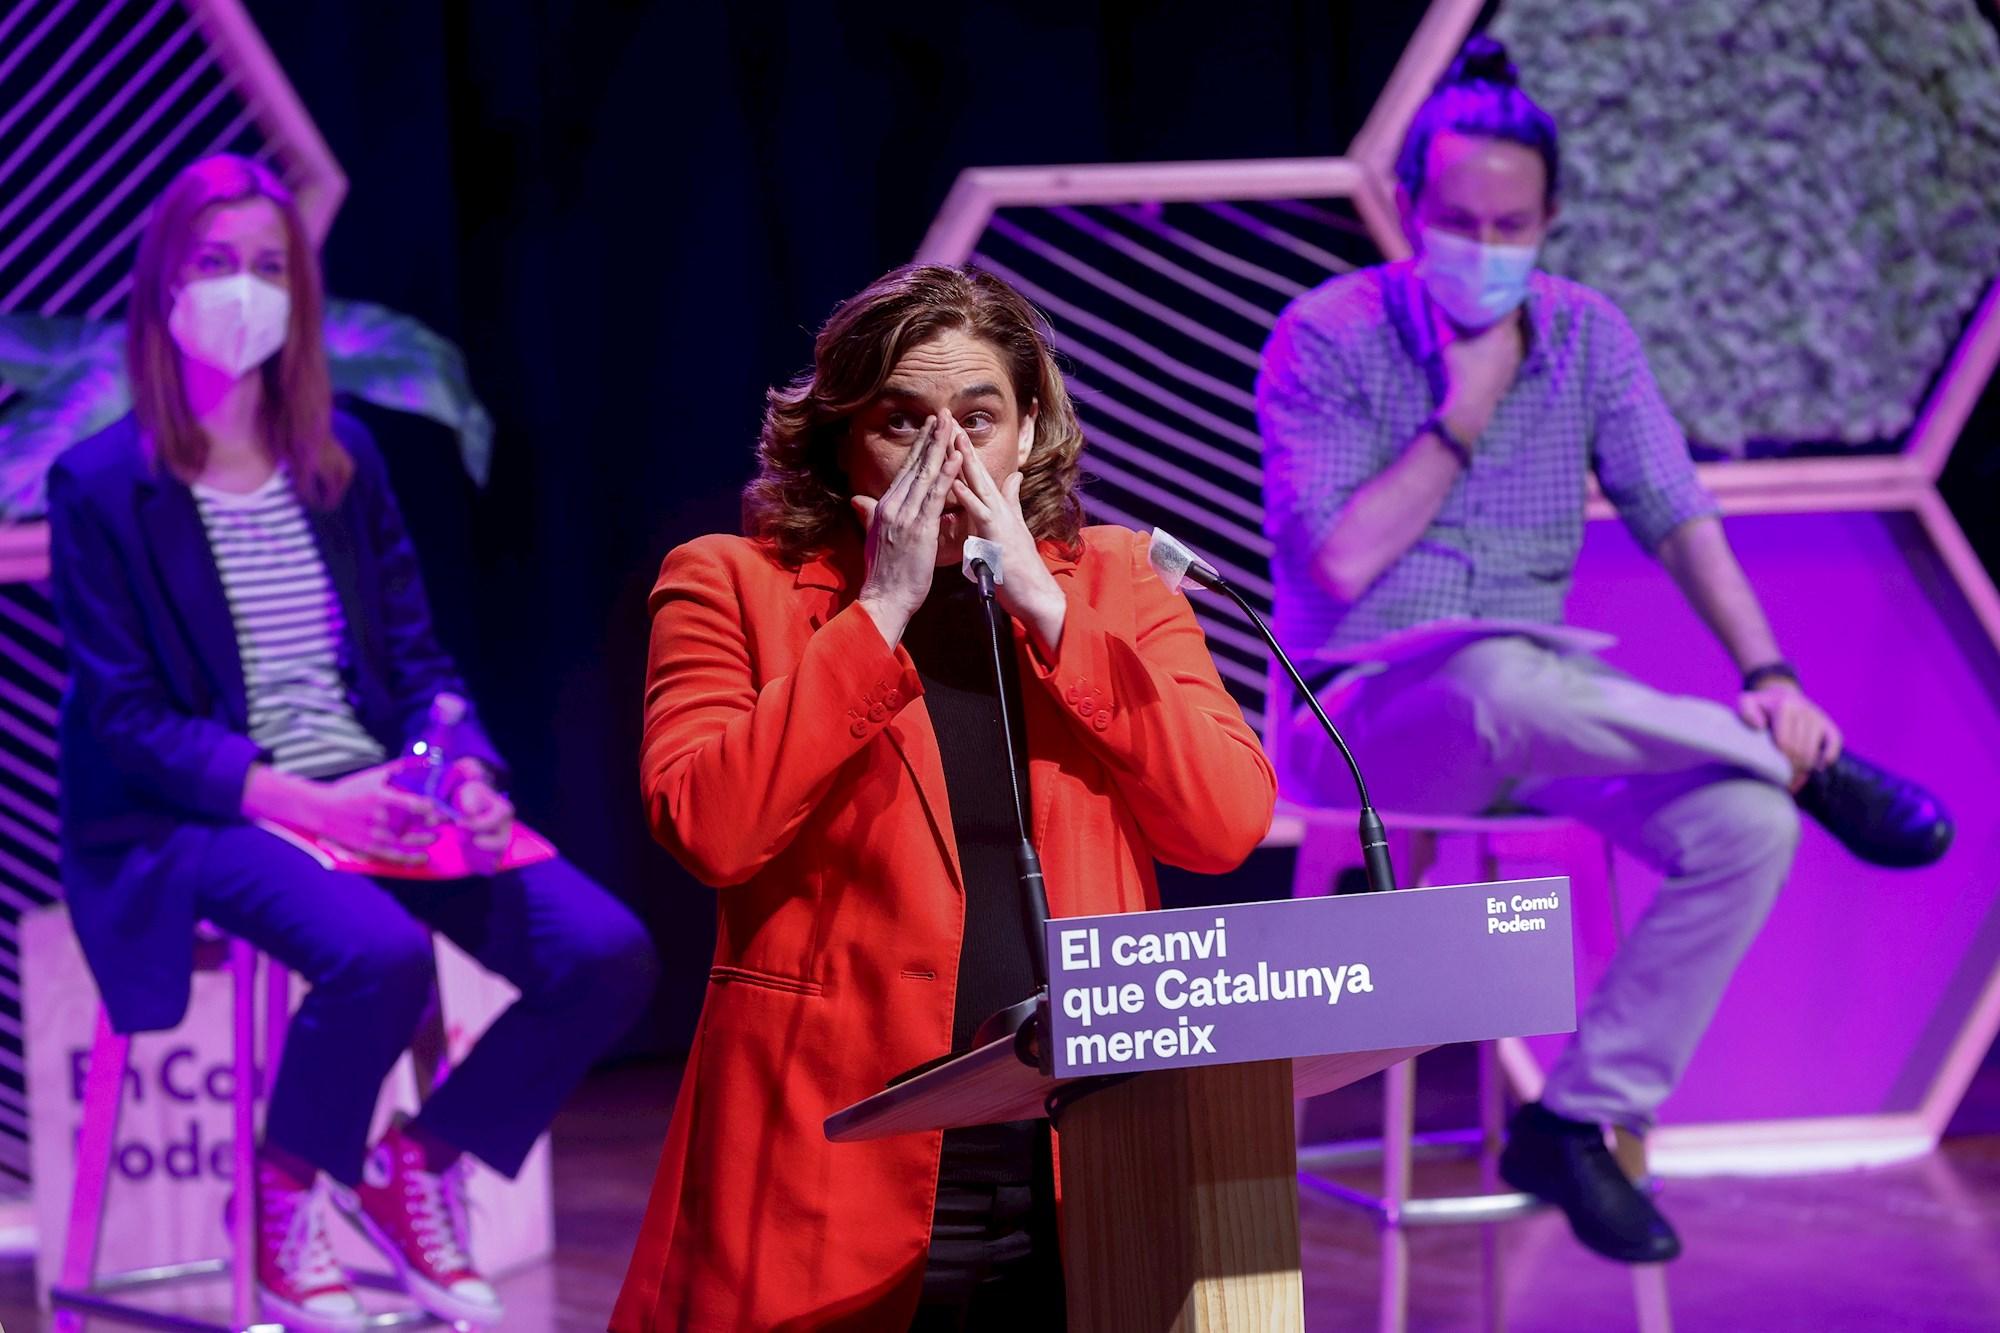 La alcaldesa de Barcelona y líder de los comunes, Ada Colau, en el acto final de campaña del 14-F junto a la candidata Jéssica Albiach y el líder de Podemos y vicepresidente segundo del Gobierno, Pablo Iglesias, el 12 de febrero de 2021 en Barcelona | EFE/QG